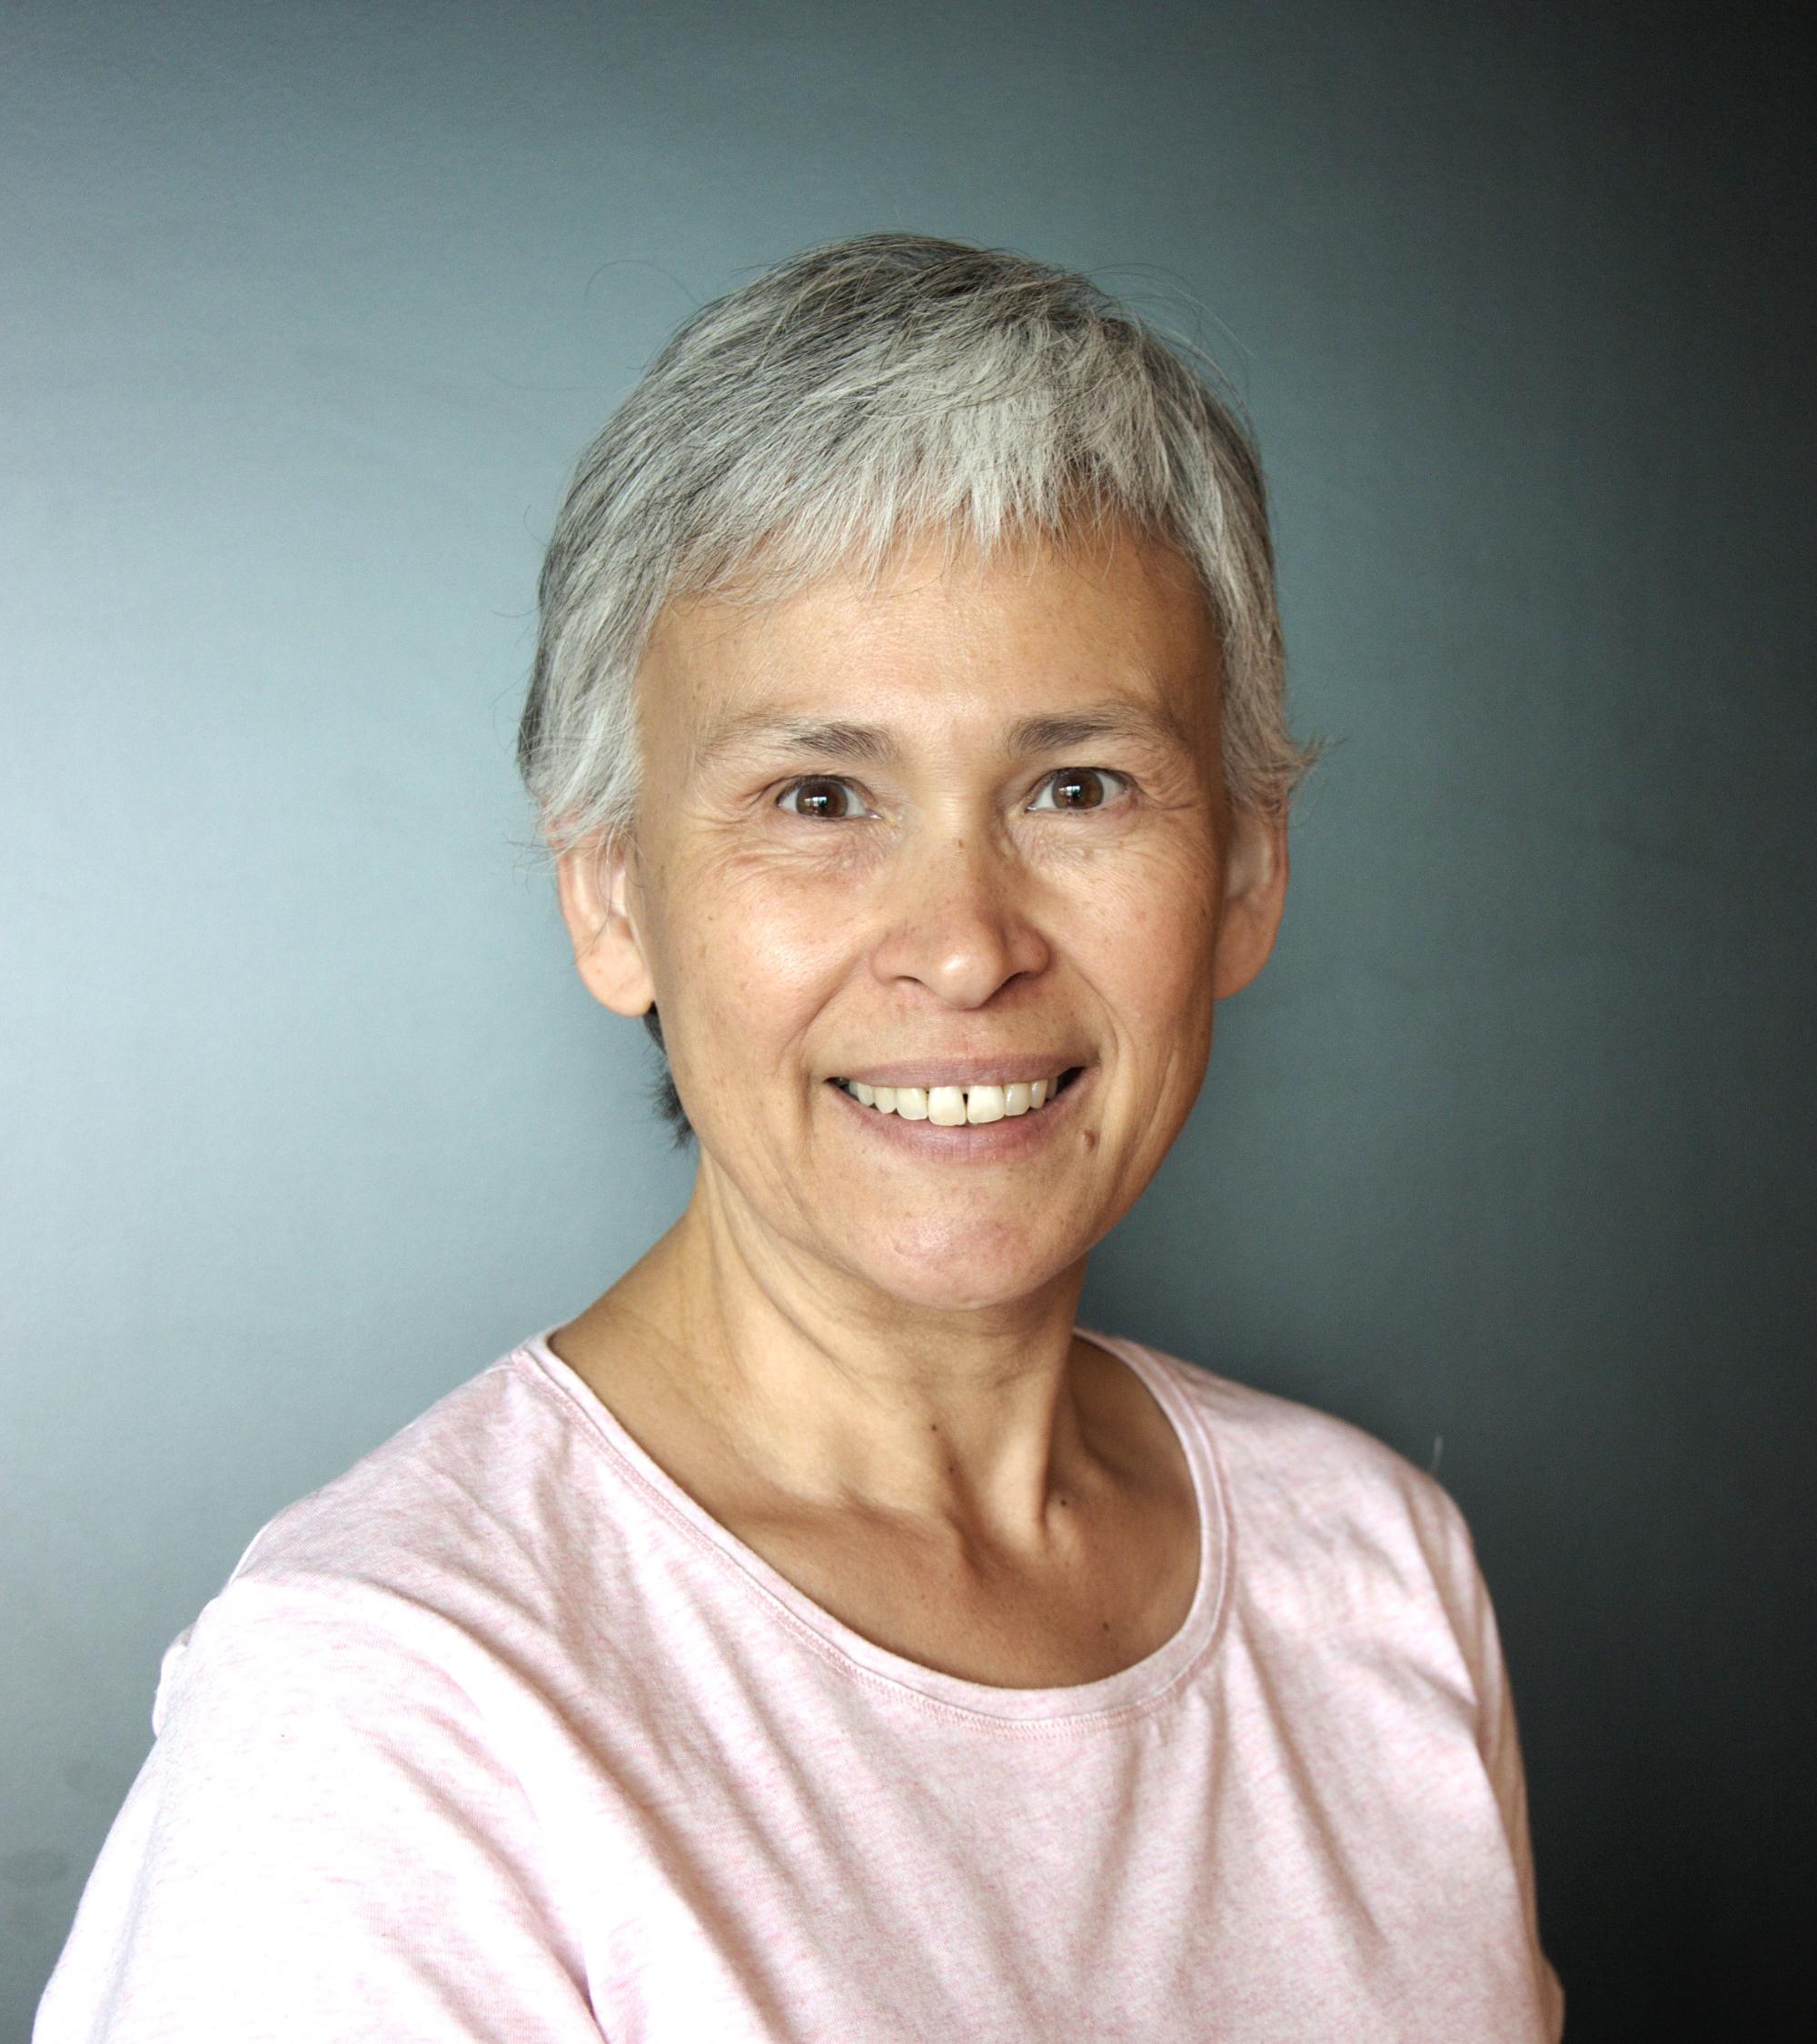 Babette Endrulat-Göhler